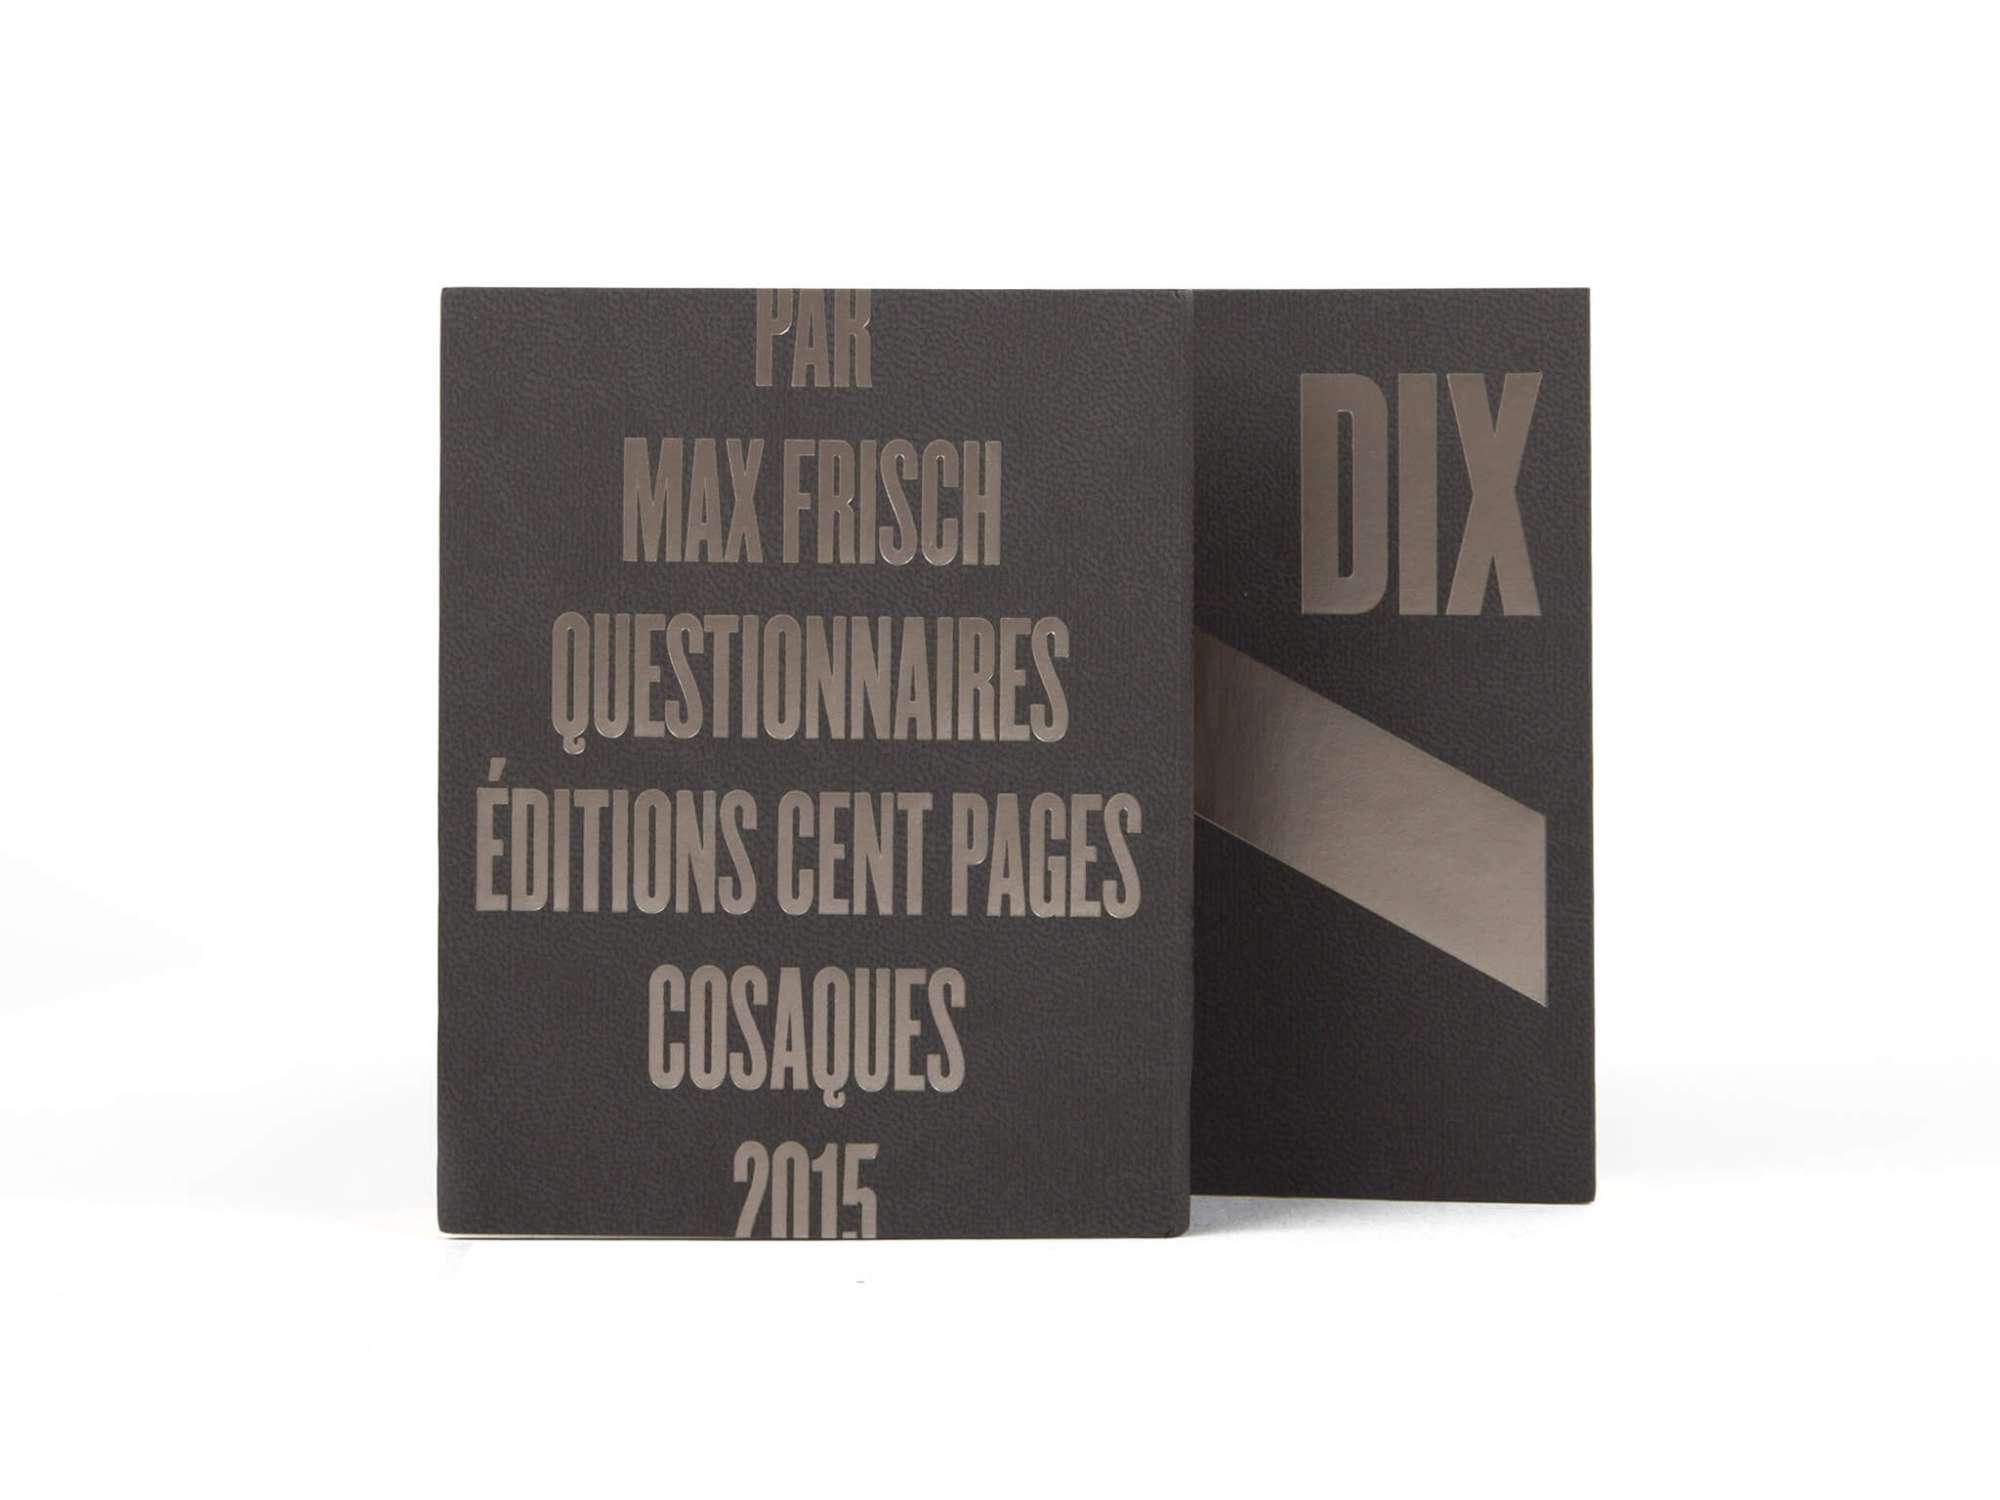 Max Frisch Questionnaires Éditions cent pages jaquette marquage à chaud argent